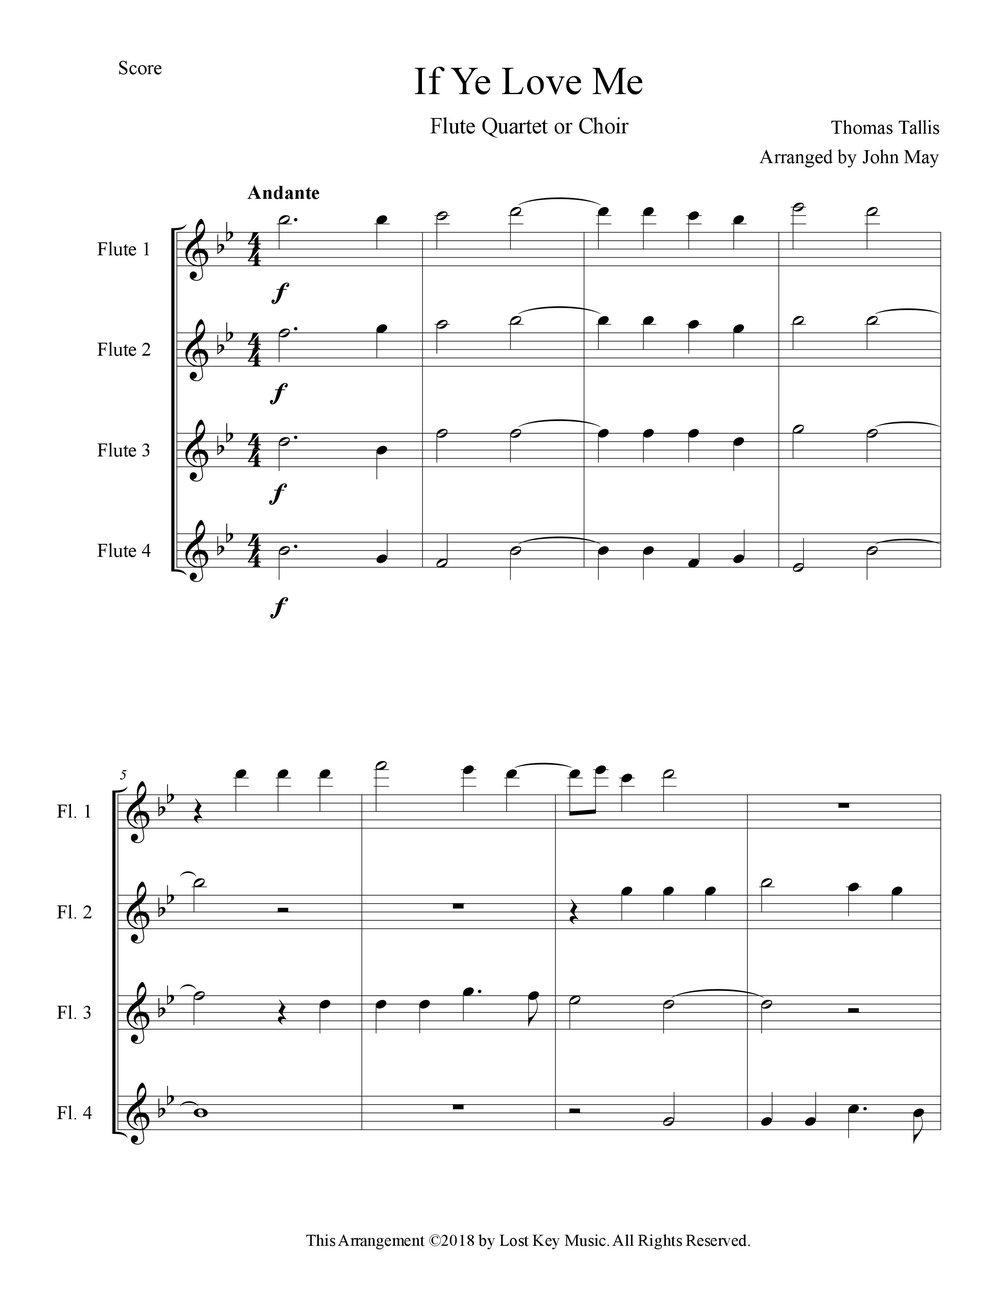 If Ye Love Me-Flute Quartet.jpg